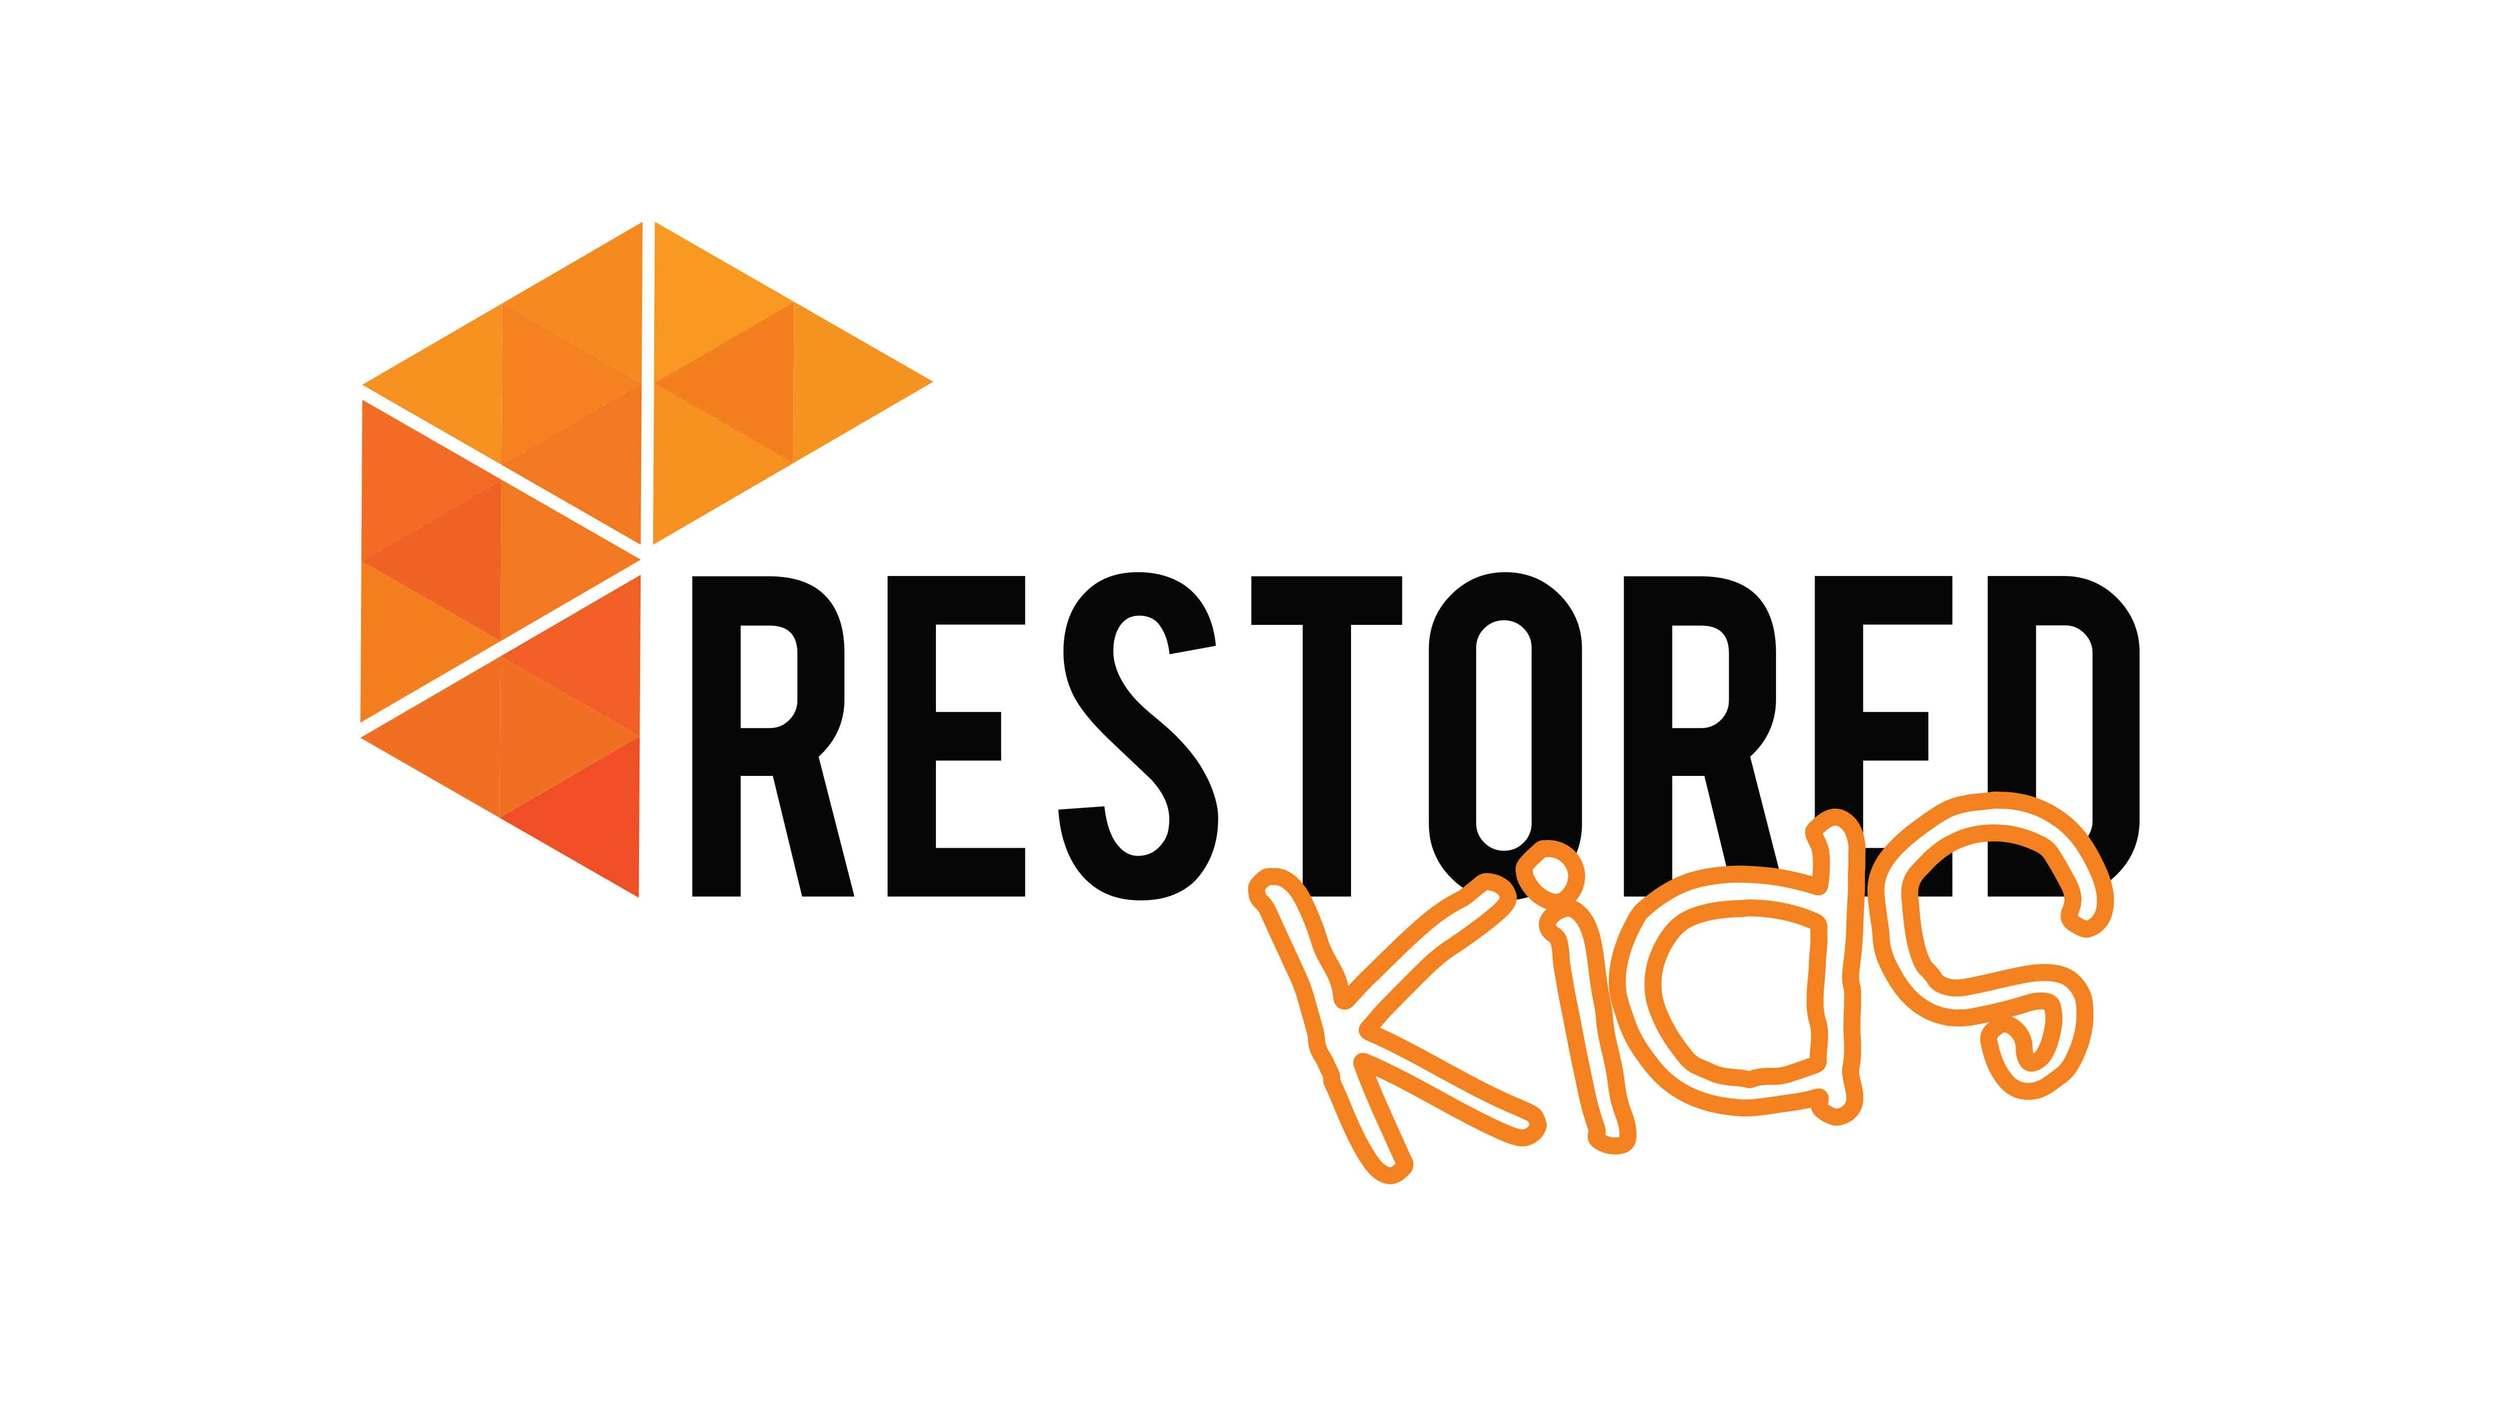 Restored-Kids-(SLIDE).jpg